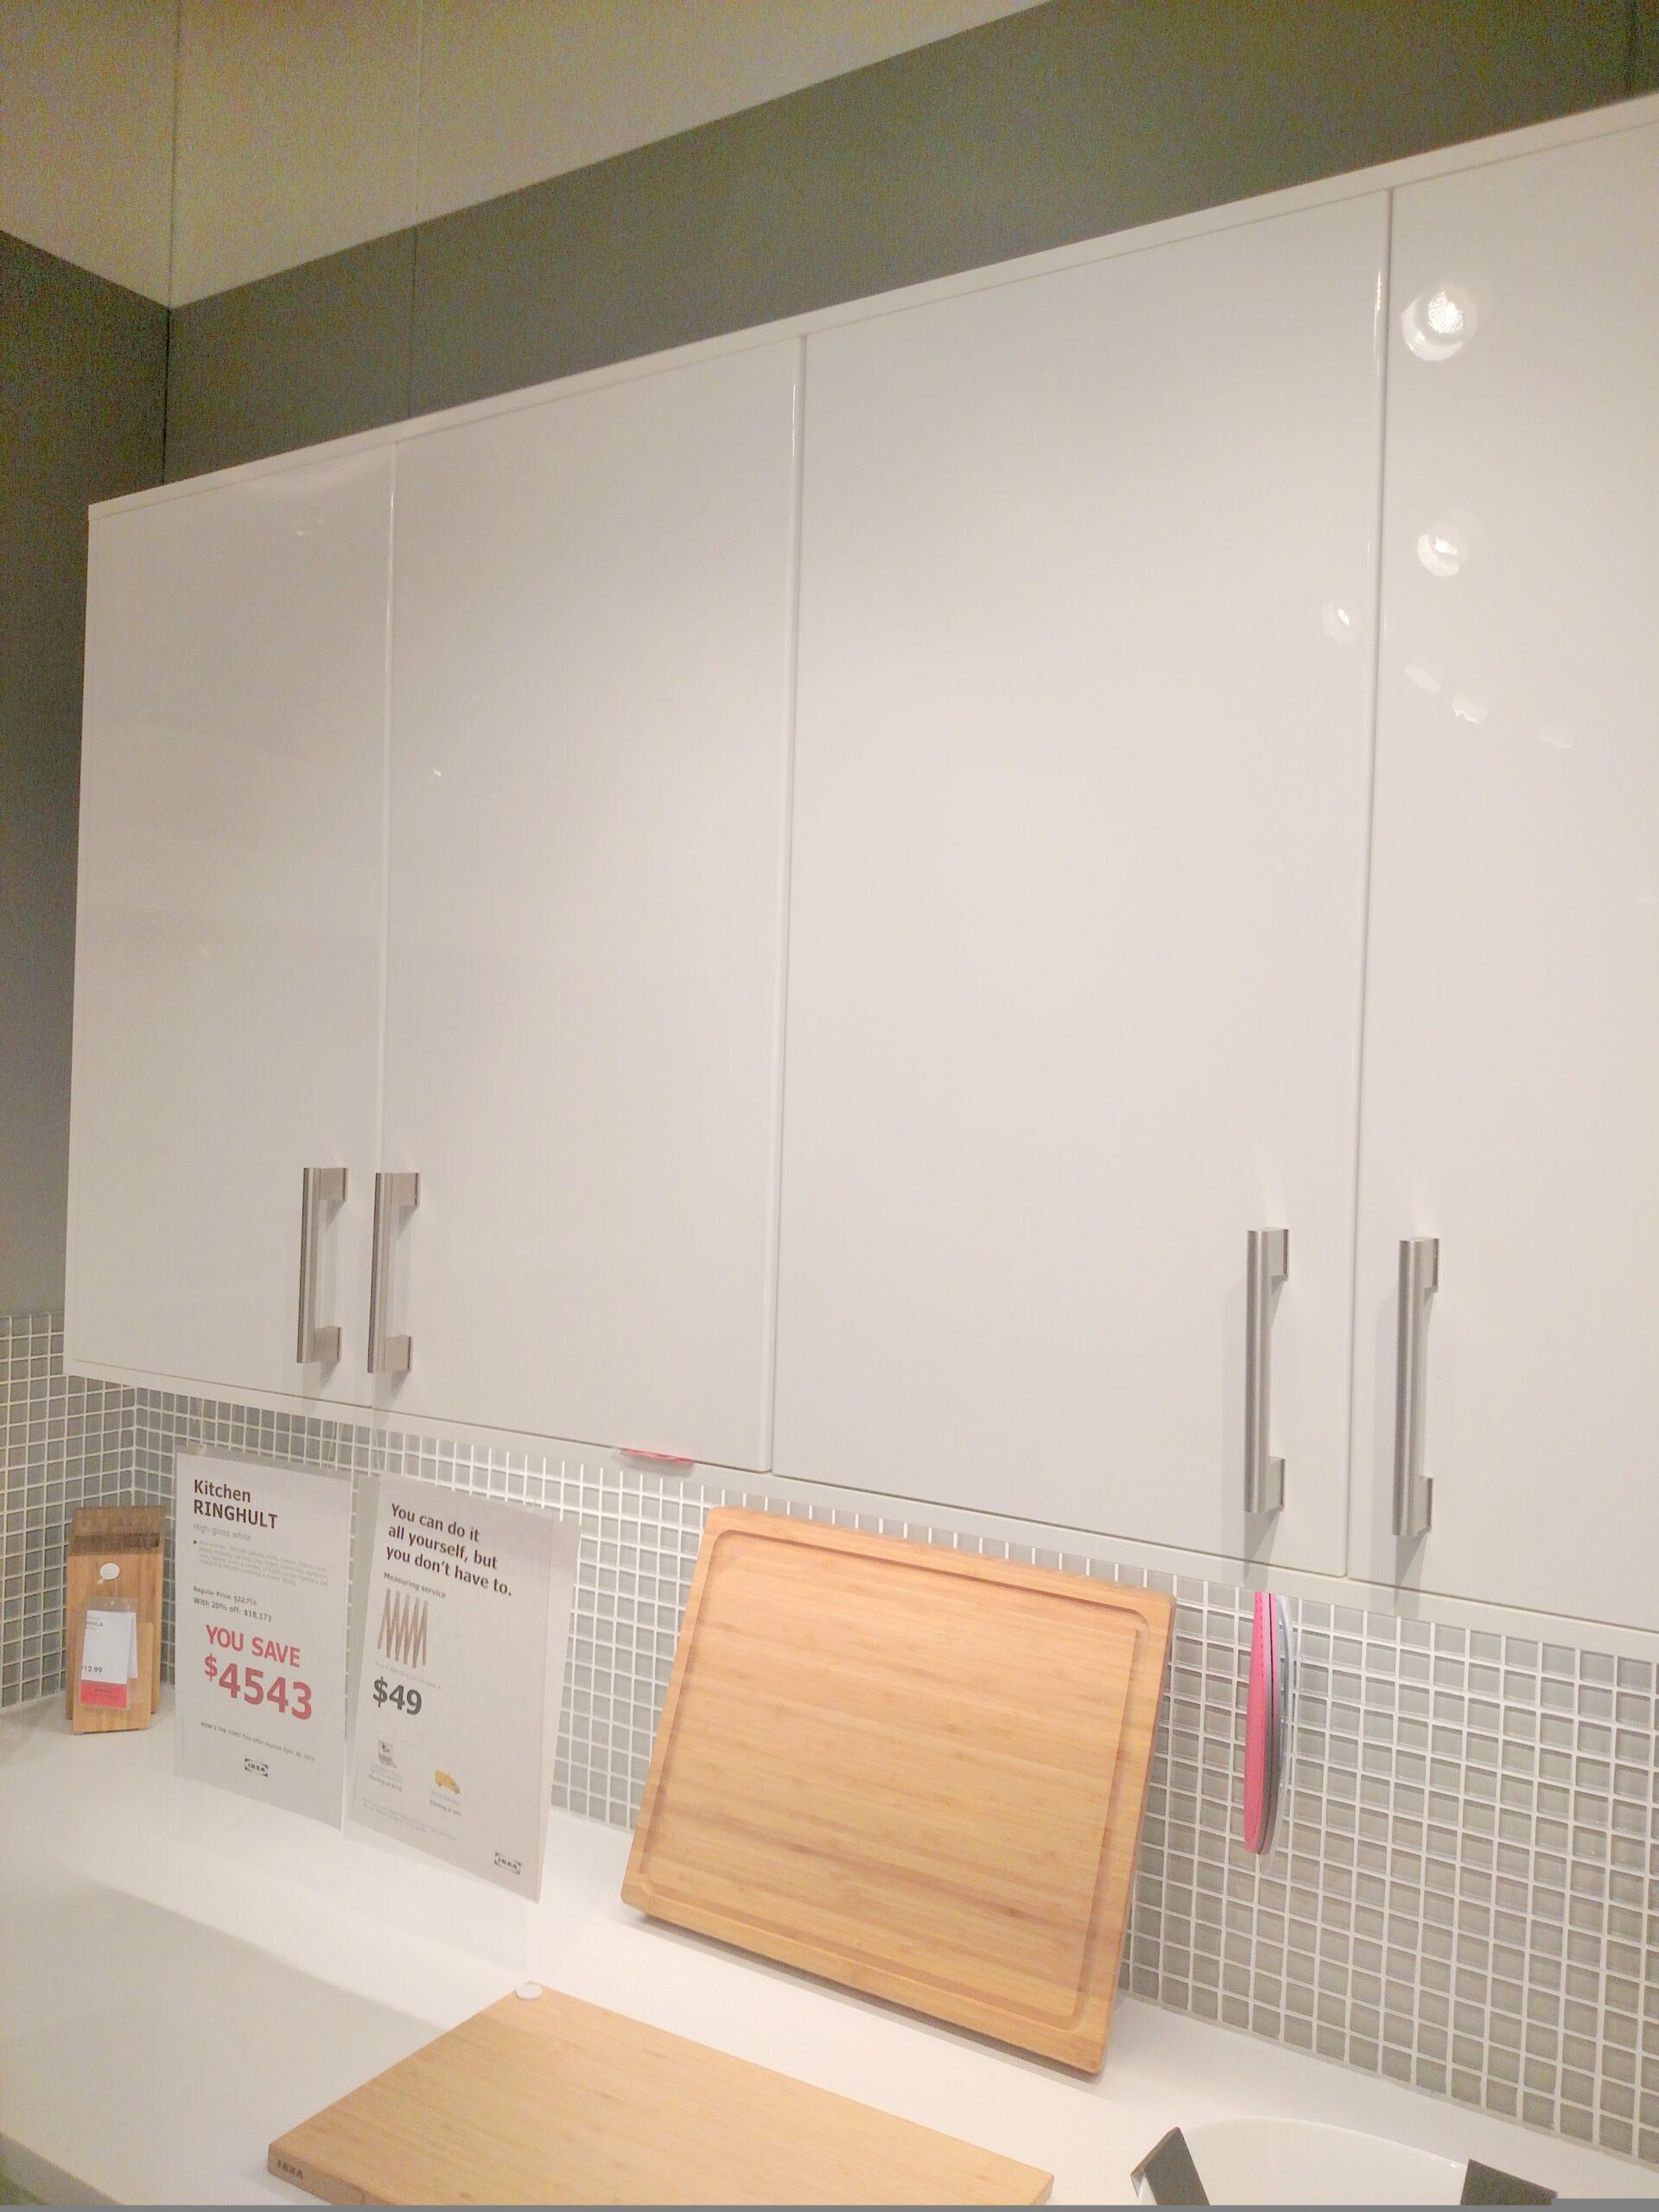 Full Size of Ringhult Ikea Kitchen Wall Cabinets Küche Kaufen Kosten Betten 160x200 Bei Modulküche Sofa Mit Schlaffunktion Miniküche Wohnzimmer Ringhult Ikea